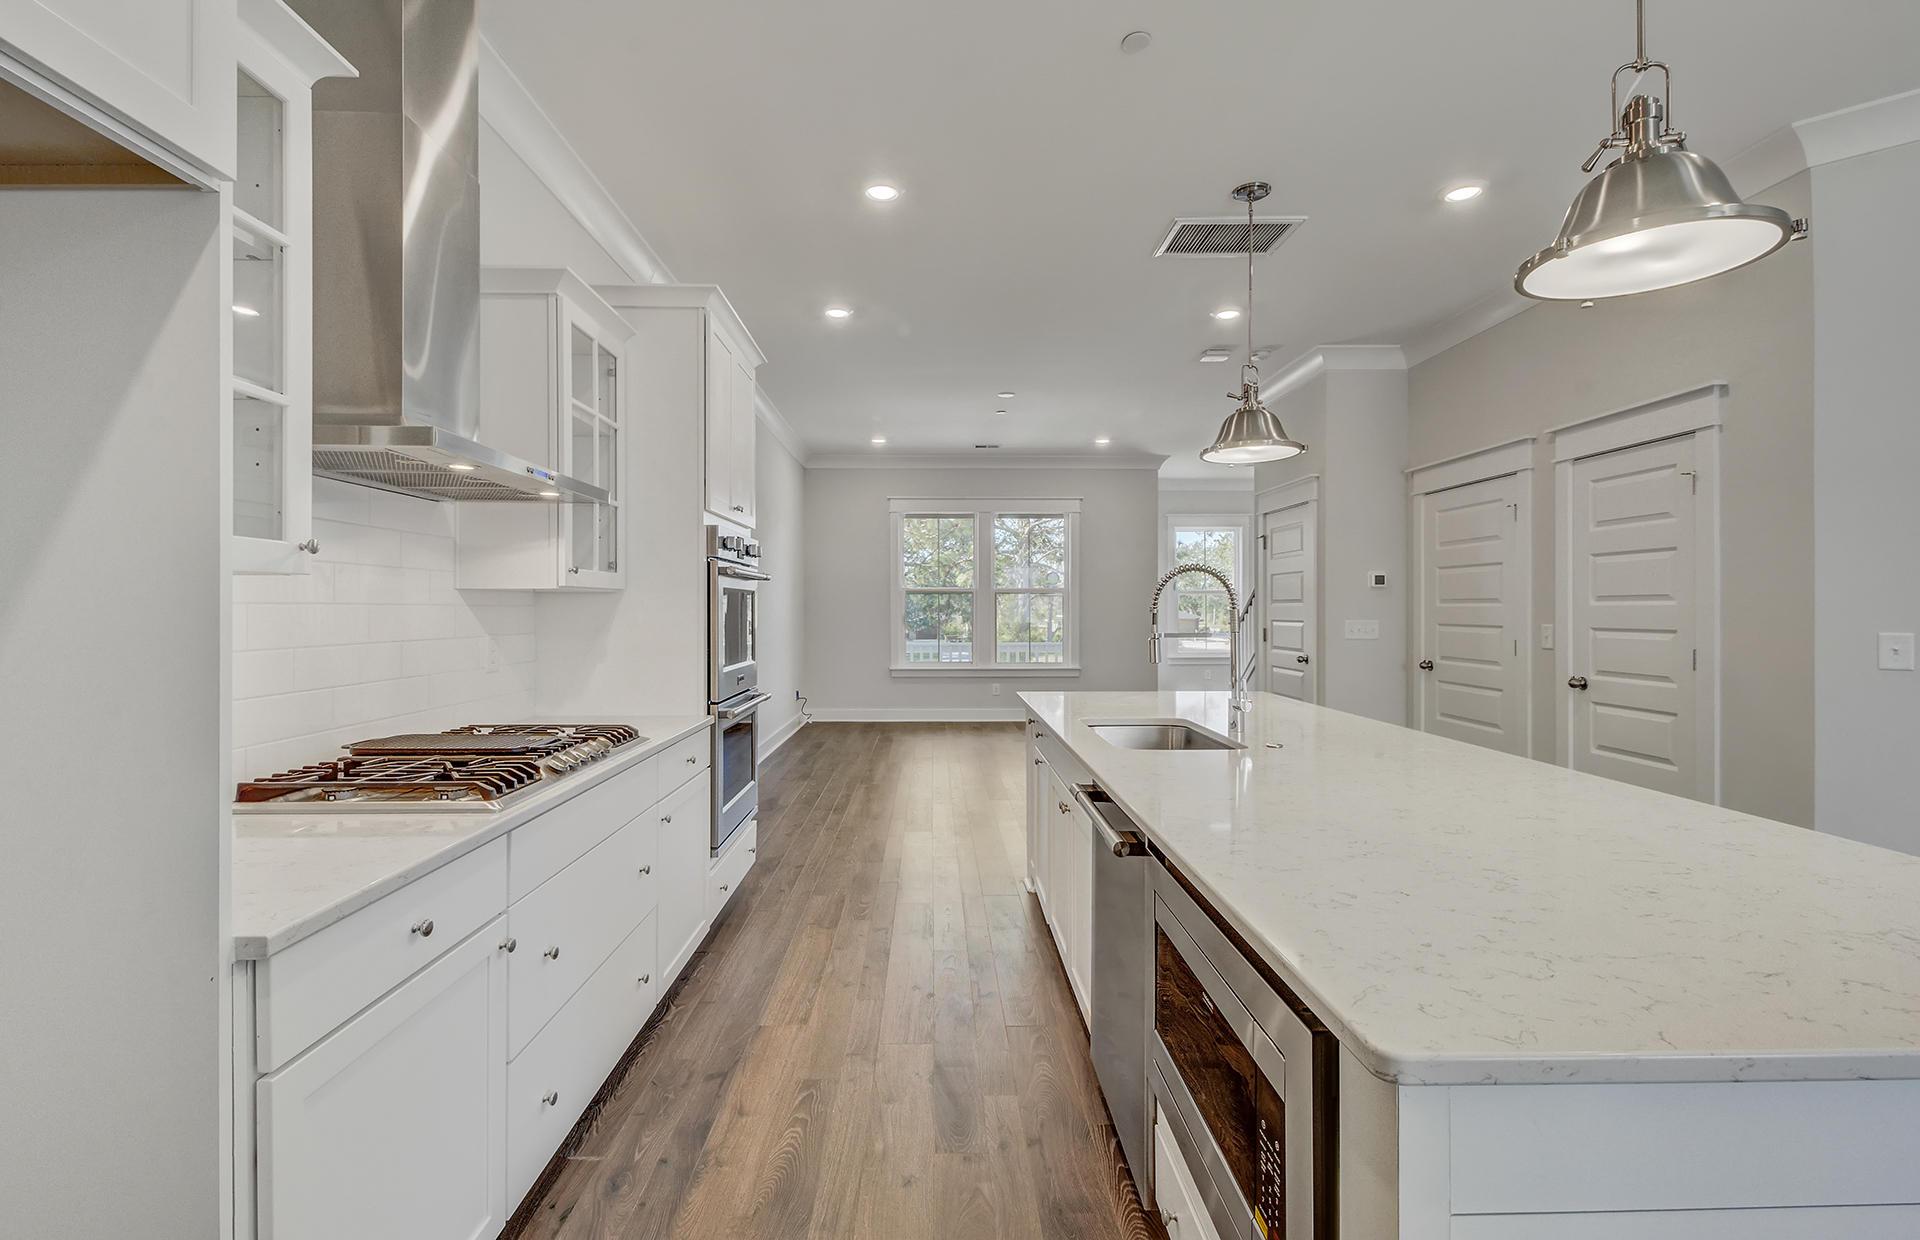 Kings Flats Homes For Sale - 110 Alder, Charleston, SC - 4